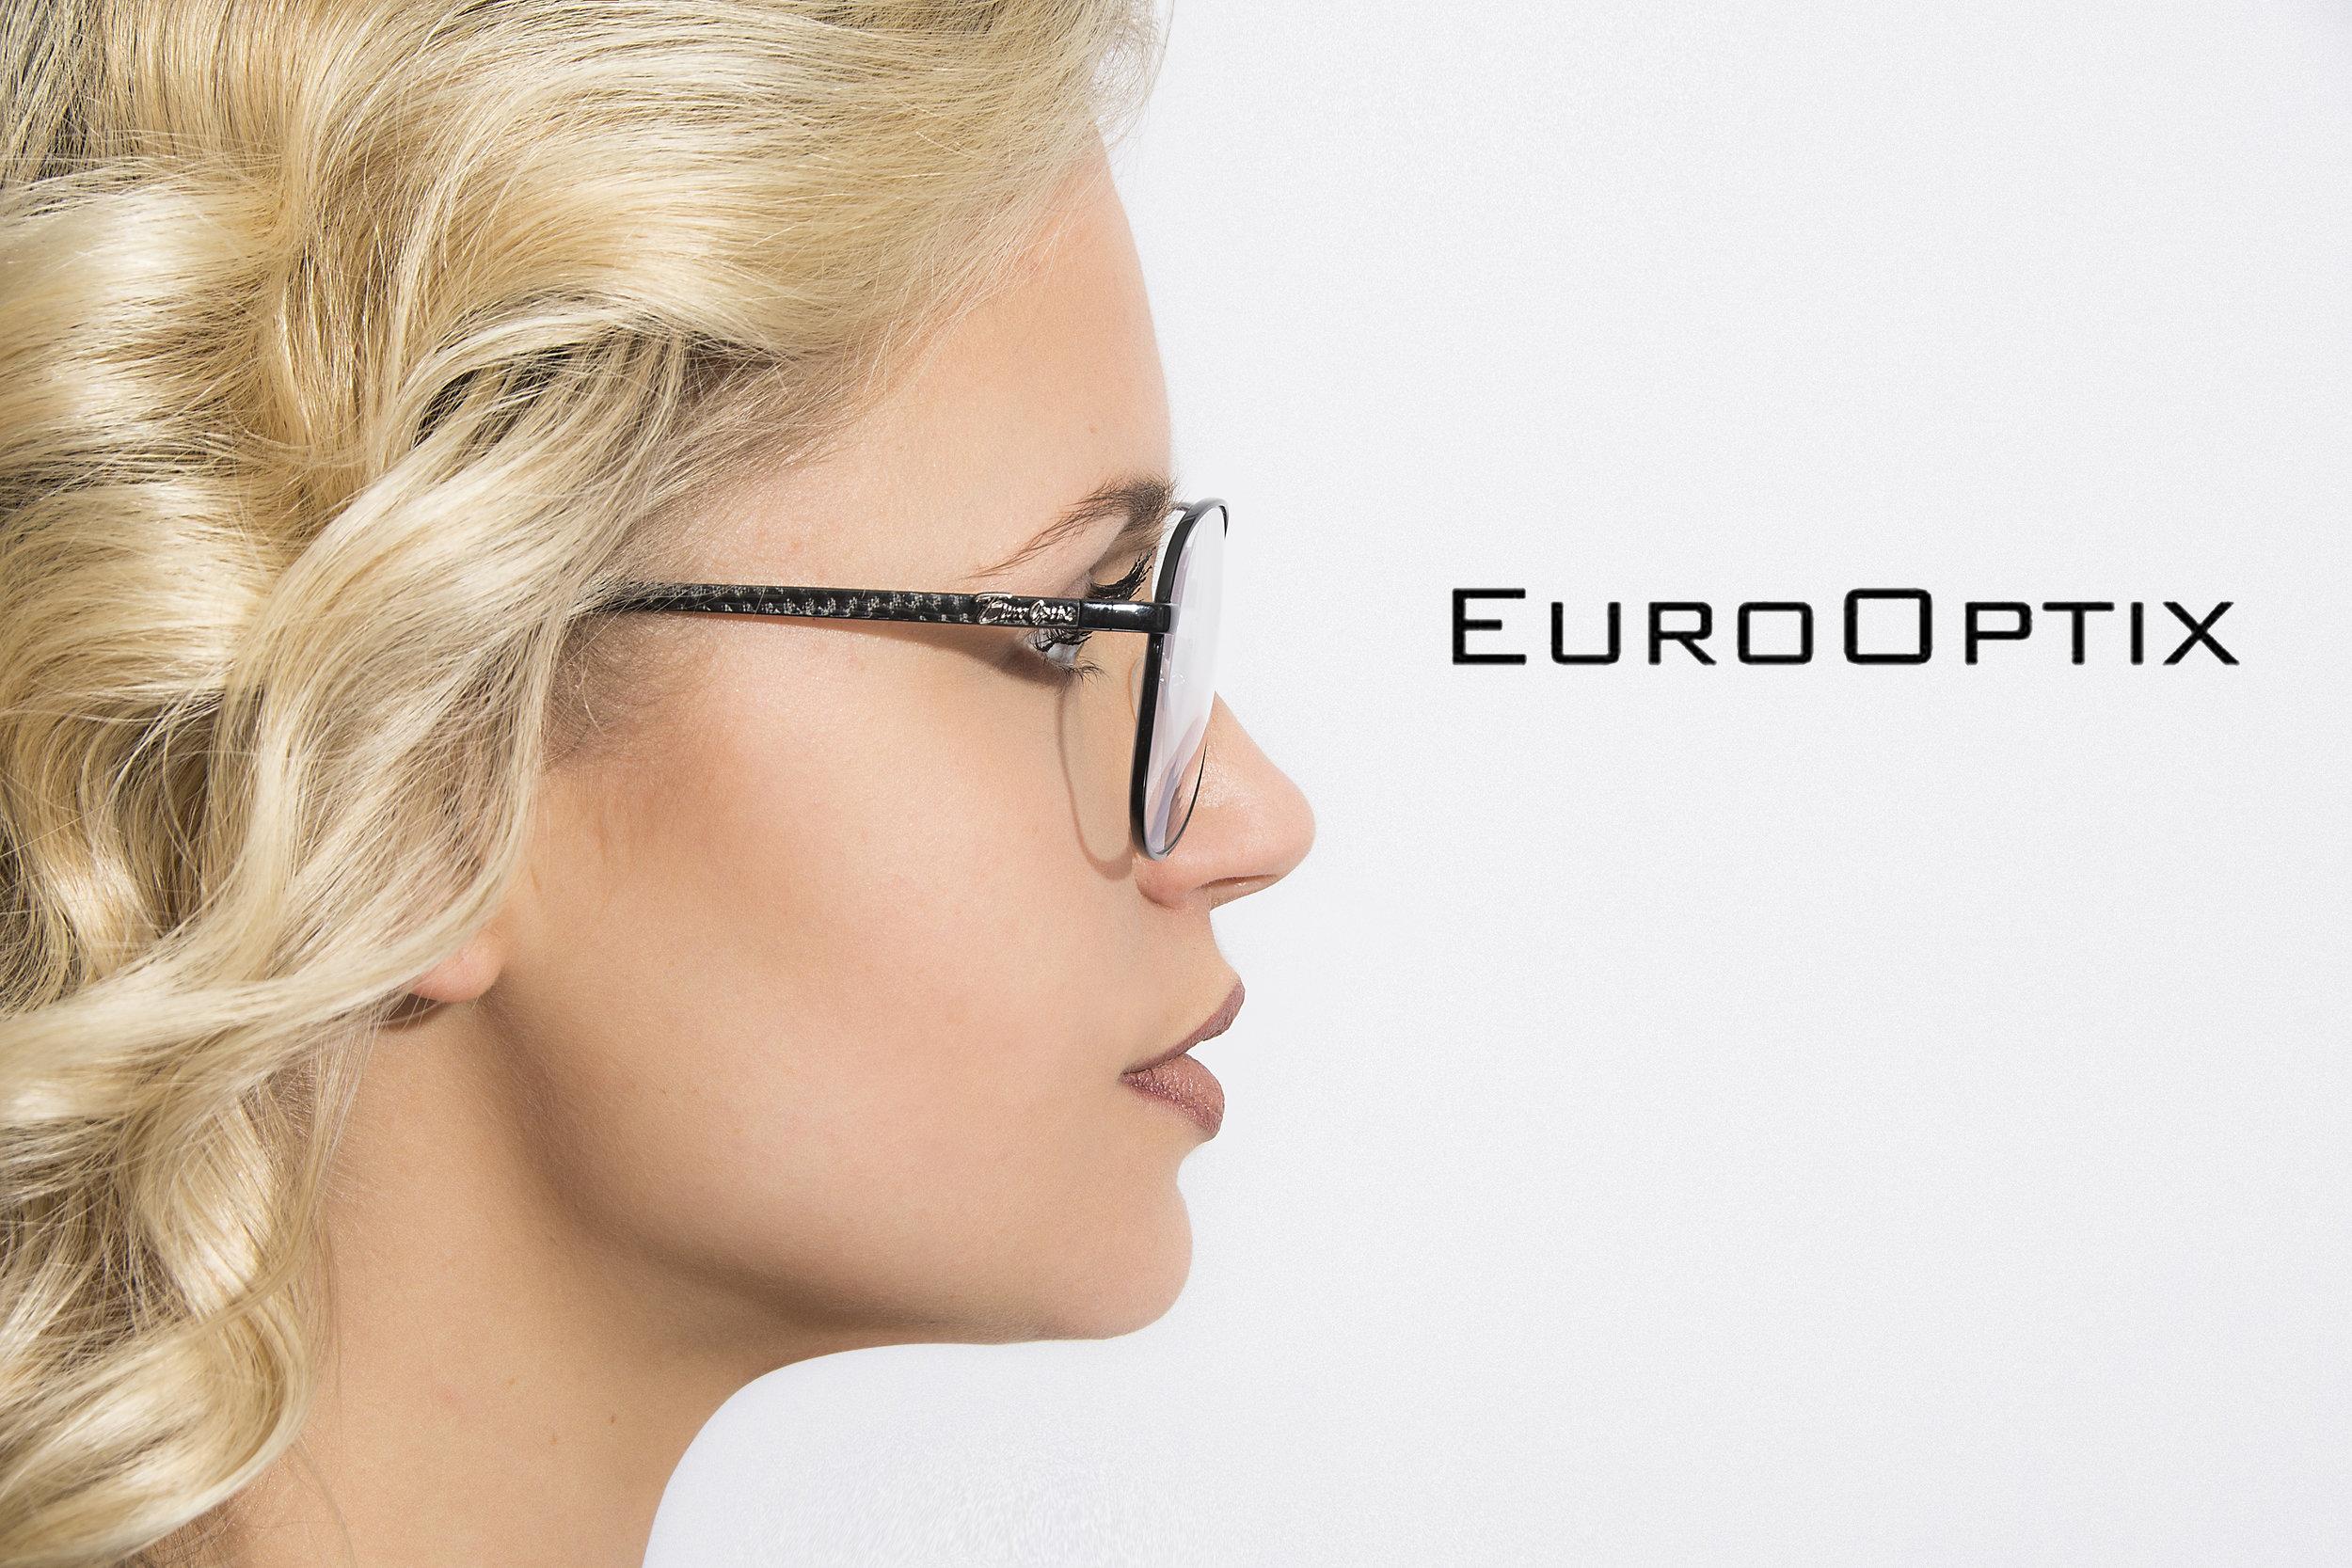 EuroOptix - ad 2 Veronika by Andrew Werner, AHW_4503.jpg